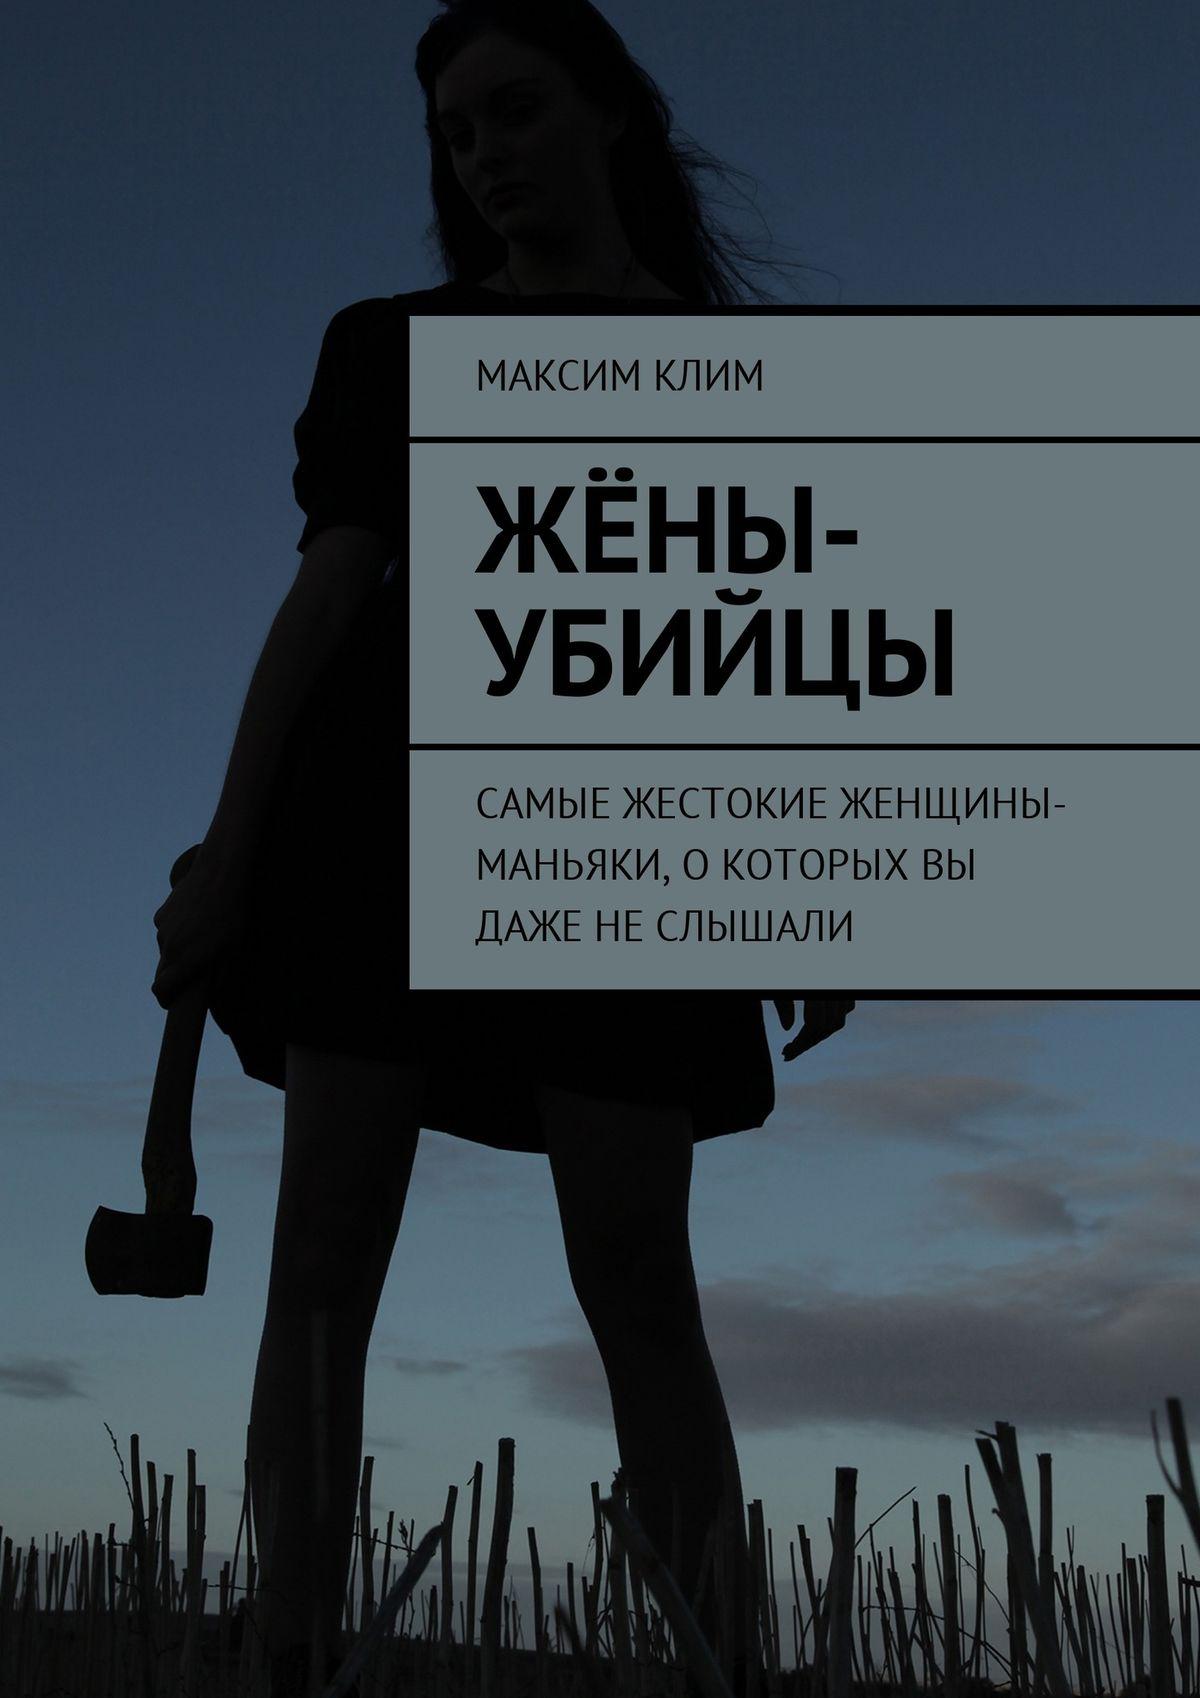 Максим Клим Жёны-убийцы. Самые жестокие женщины-маньяки,о которых вы даже неслышали максим клим русские маньяки 21 века редкие имена иподробные события